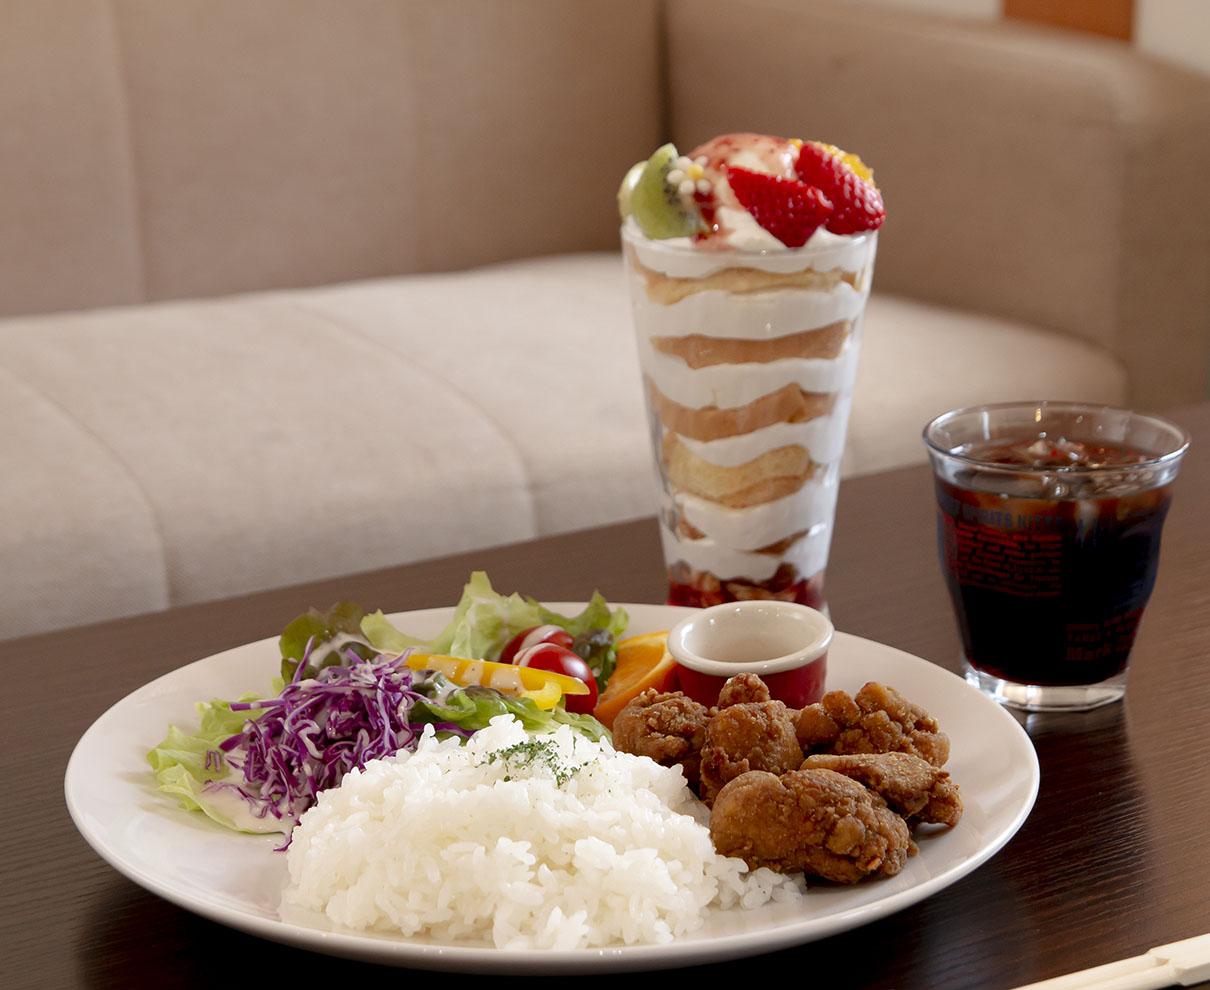 NOガマン♡『BLUe Bee』のカレー風味の唐揚げとシフォンケーキのパフェ、どっちも味わうのが正解♪